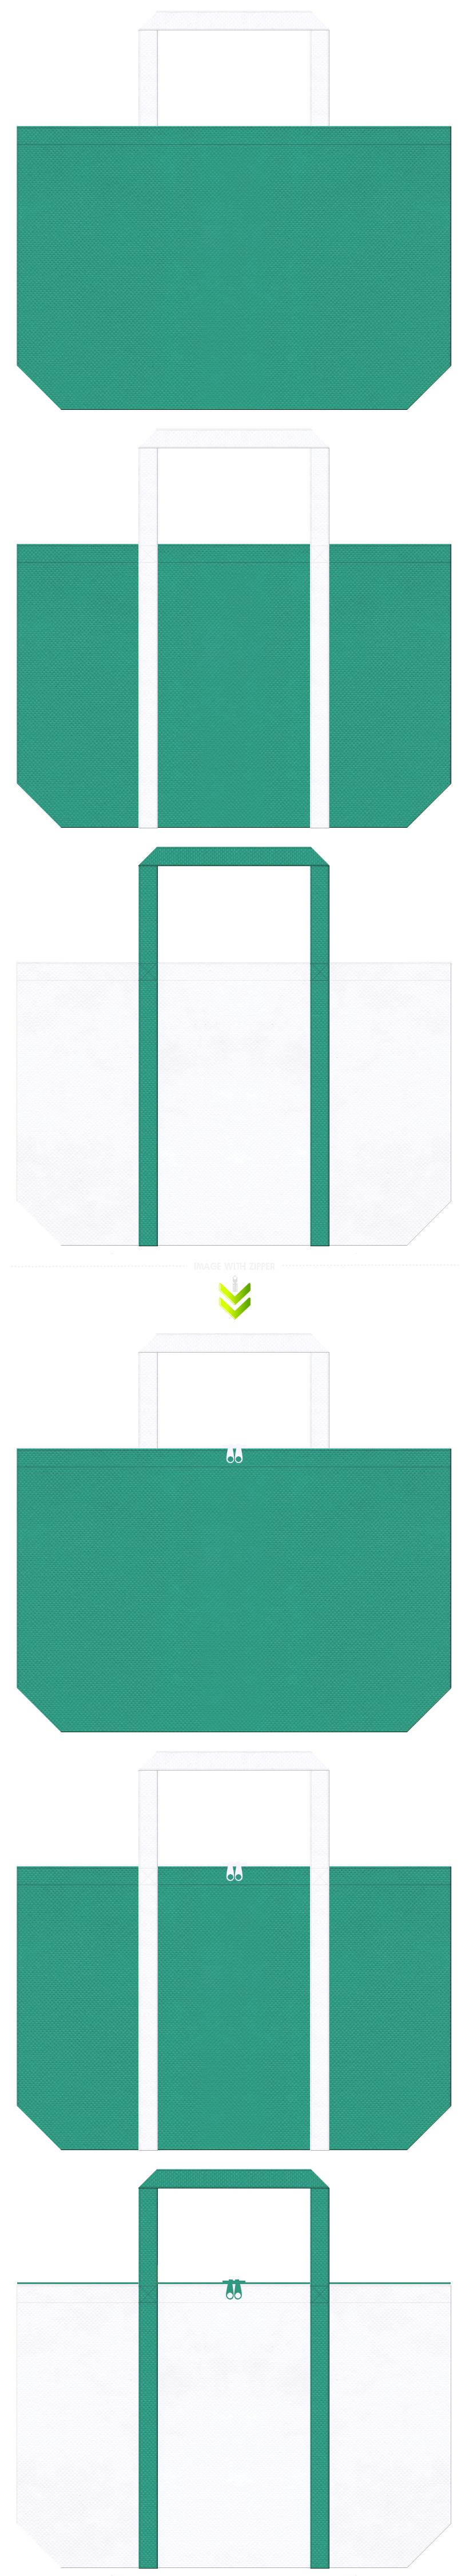 掃除、洗濯等のクリーンなイメージのバッグノベルティにお奨めのコーデ。青緑色と白色の不織布エコバッグデザイン。清涼なイメージでクーラー、冷蔵庫にも。